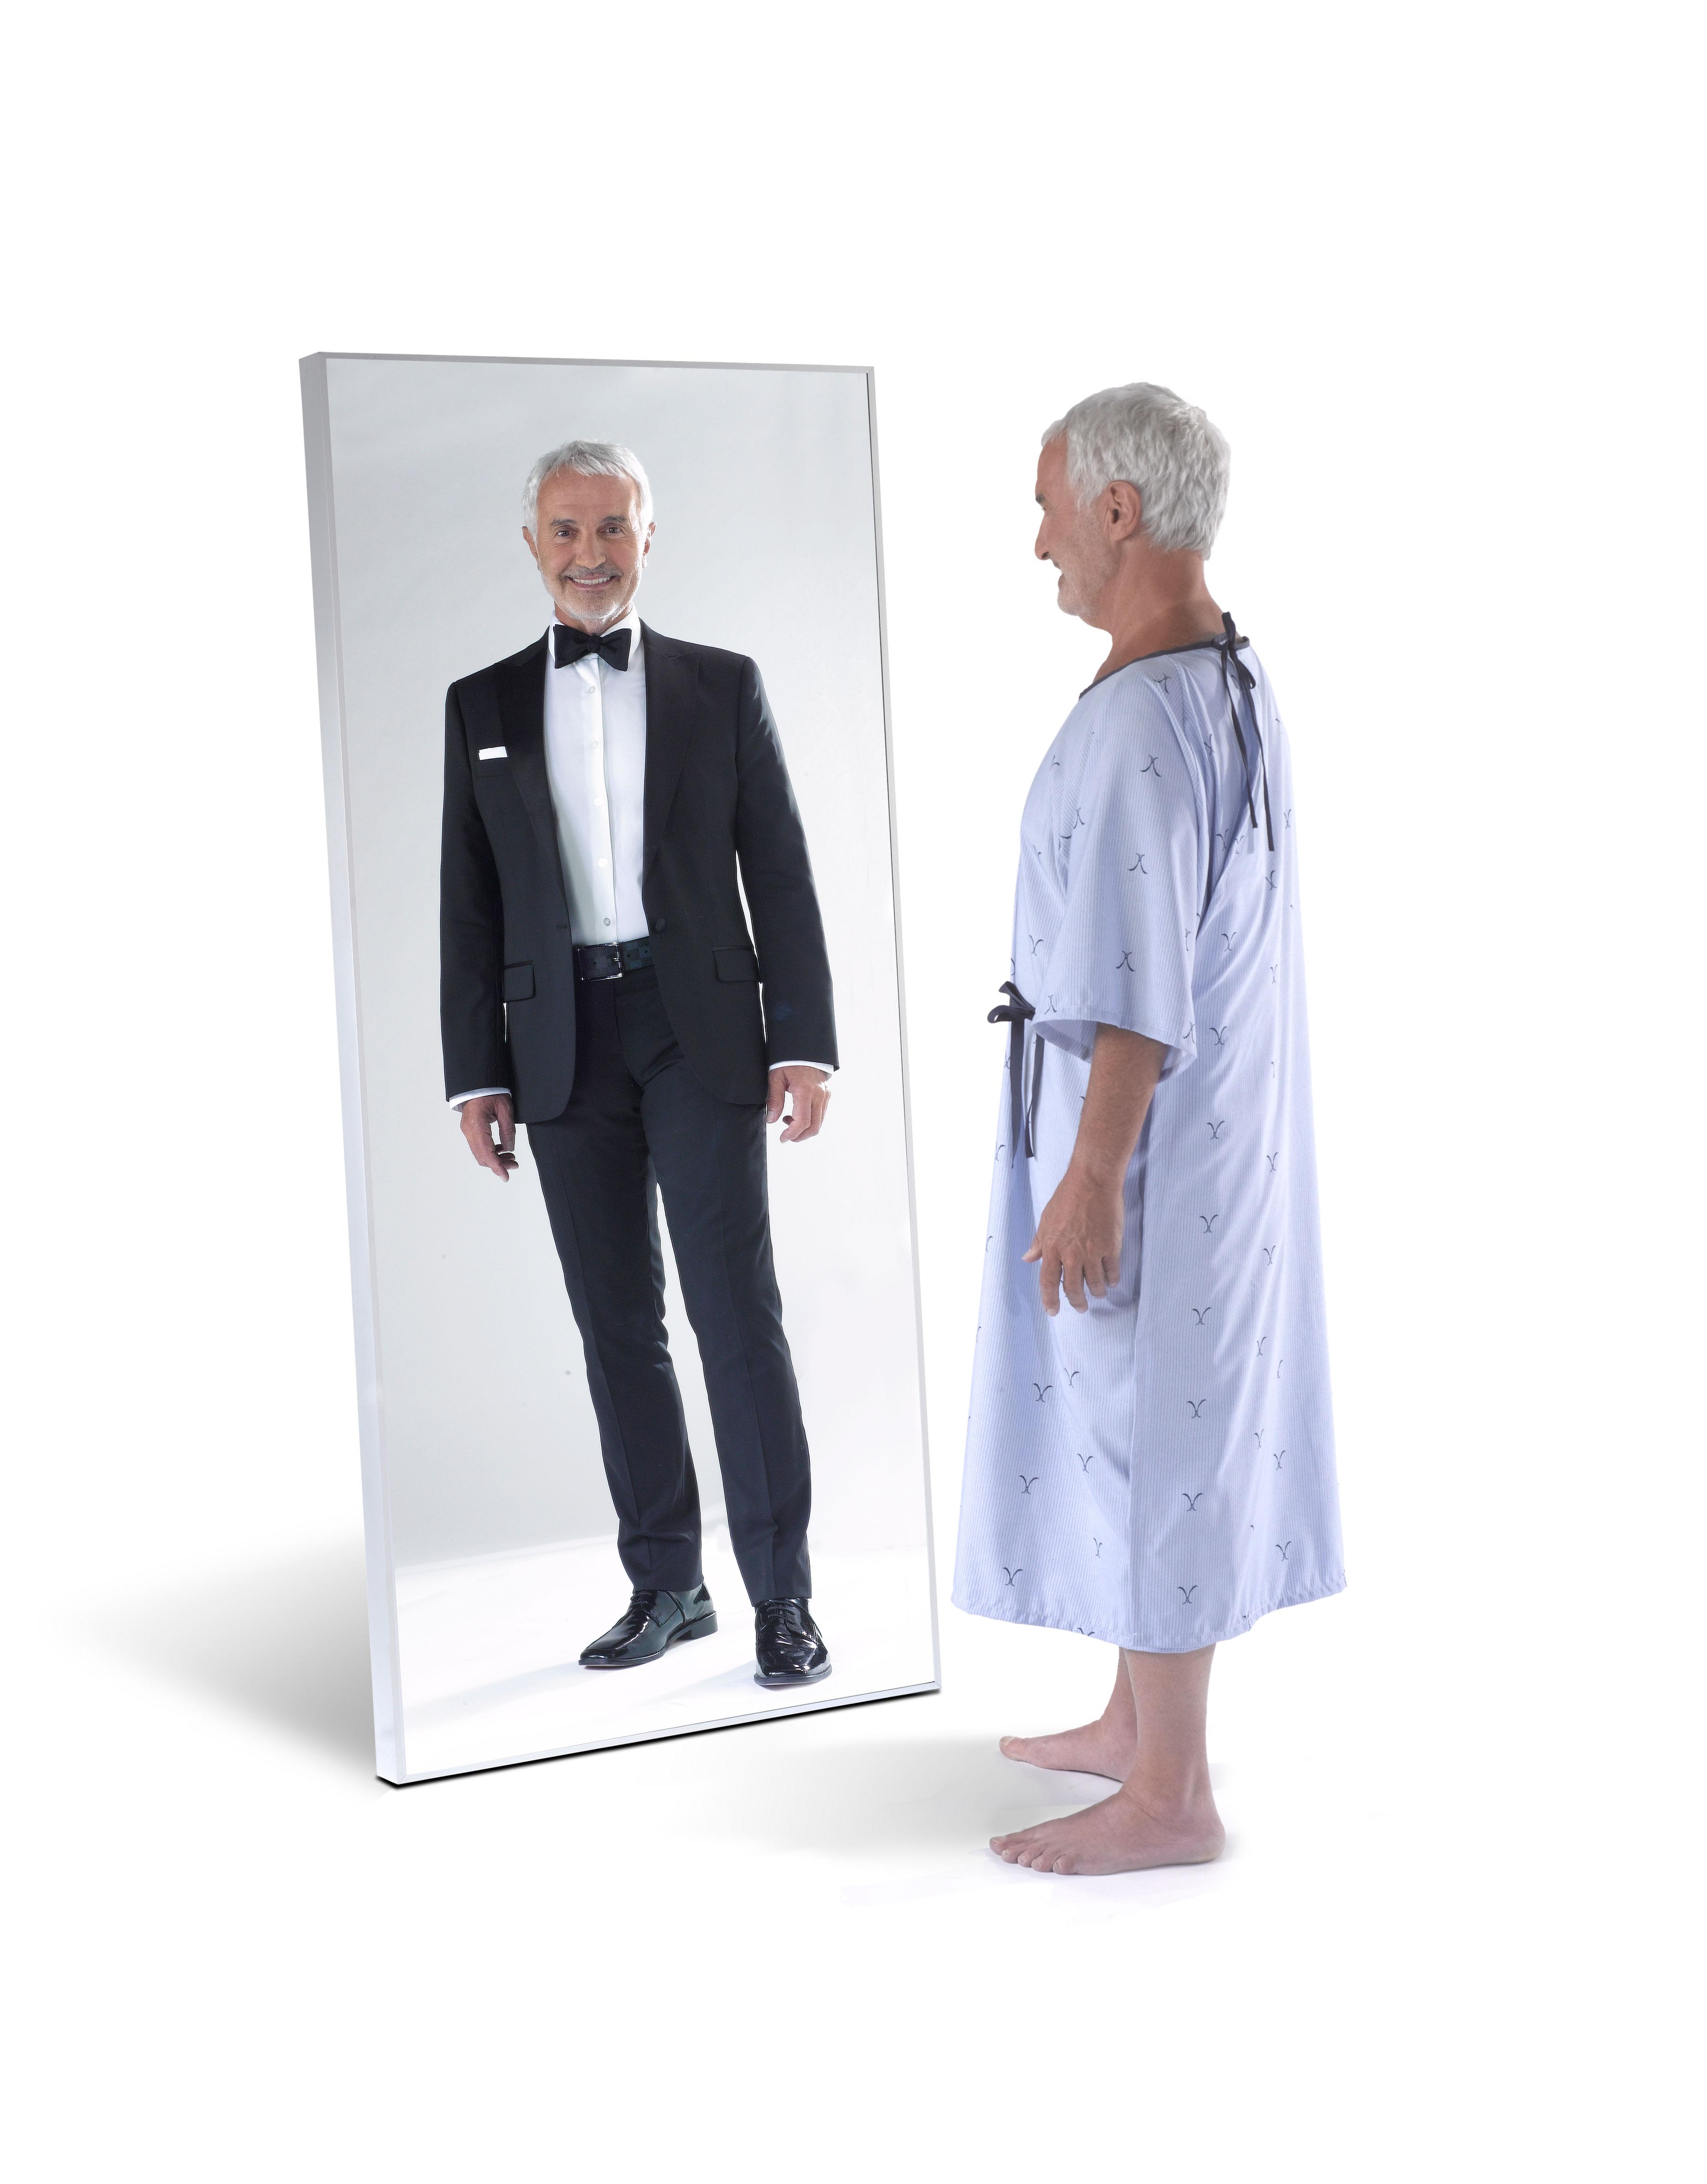 SOLUS patient gowns